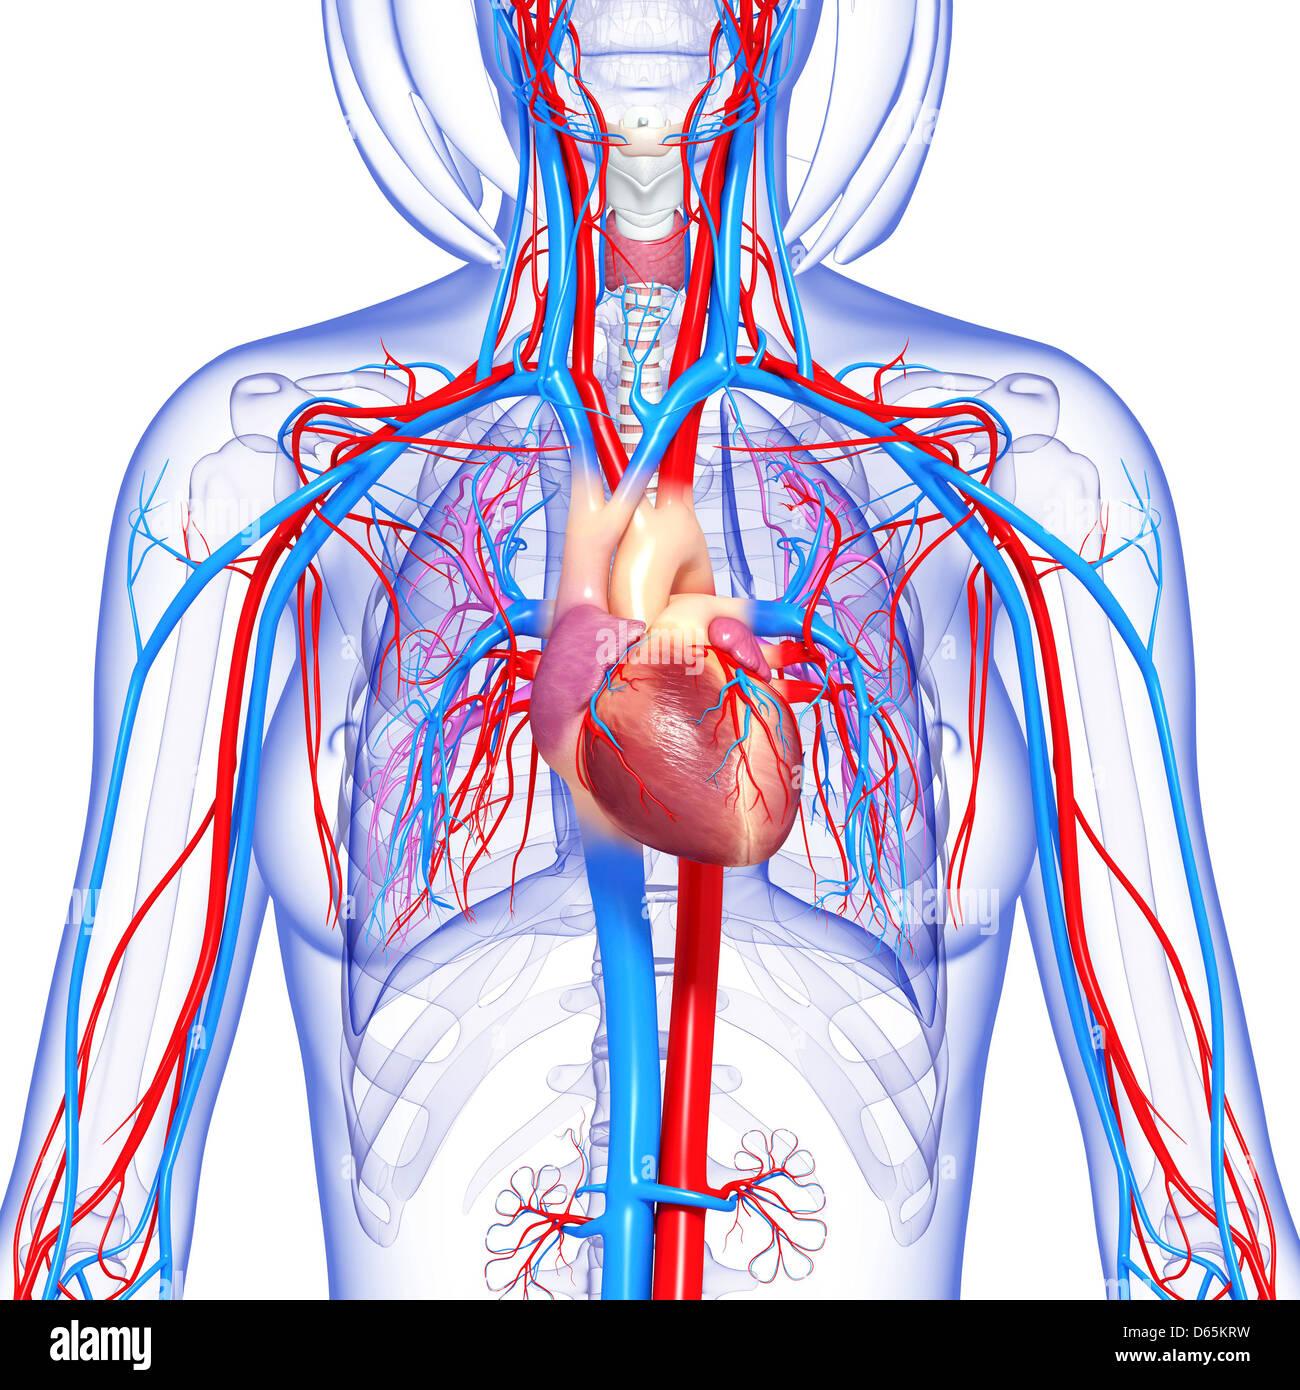 Erfreut Herz Kreislauf Organe Galerie - Menschliche Anatomie Bilder ...